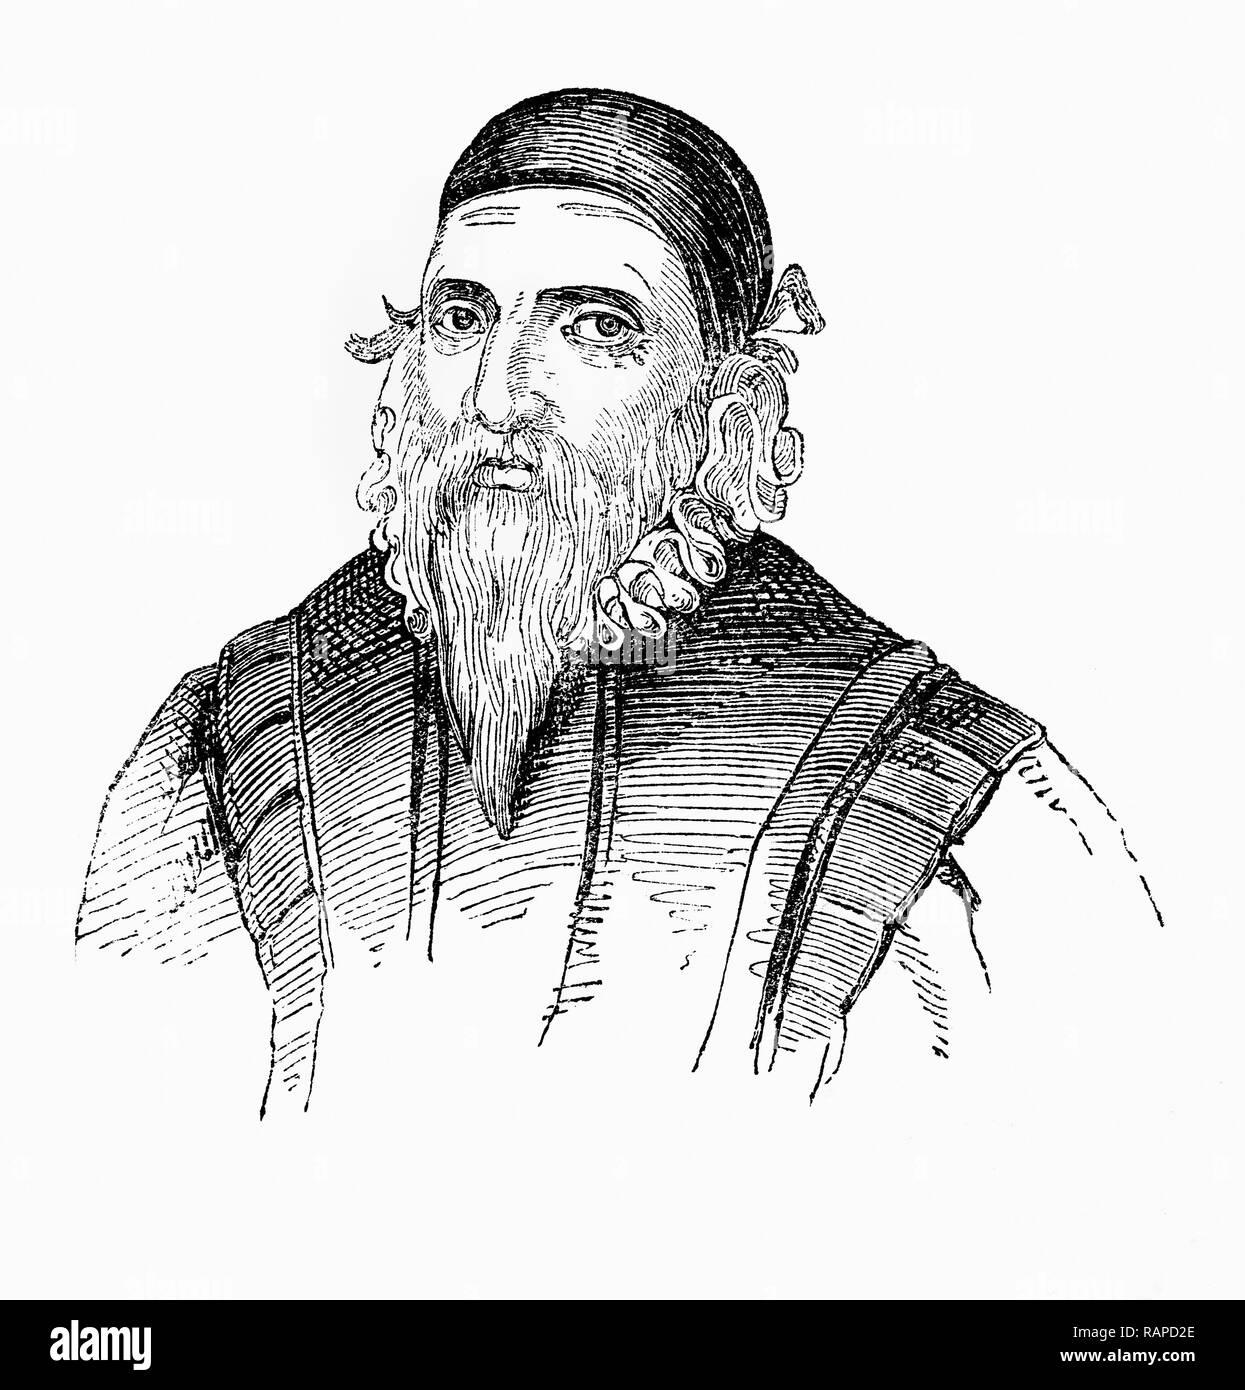 """John Dee (1527-1608/9) war ein englischer Mathematiker, Astronom, Astrologe, okkulte Philosoph und Berater für Königin Elizabeth I. Er viel von seinem Leben mit der Erforschung der Alchemie, Divination gewidmet, und der hermetischen Philosophie, Aktivitäten, scheint die Welt der Magie und moderne Wissenschaft zu spreizen. Ein leidenschaftlicher Förderer der Mathematik, er war auch ein führender Experte in der Navigation, viele von denen, die Englands Entdeckungsreisen führen würde. Er ist das Prägen der Bezeichnung """"British Empire"""" gutgeschrieben. Stockbild"""